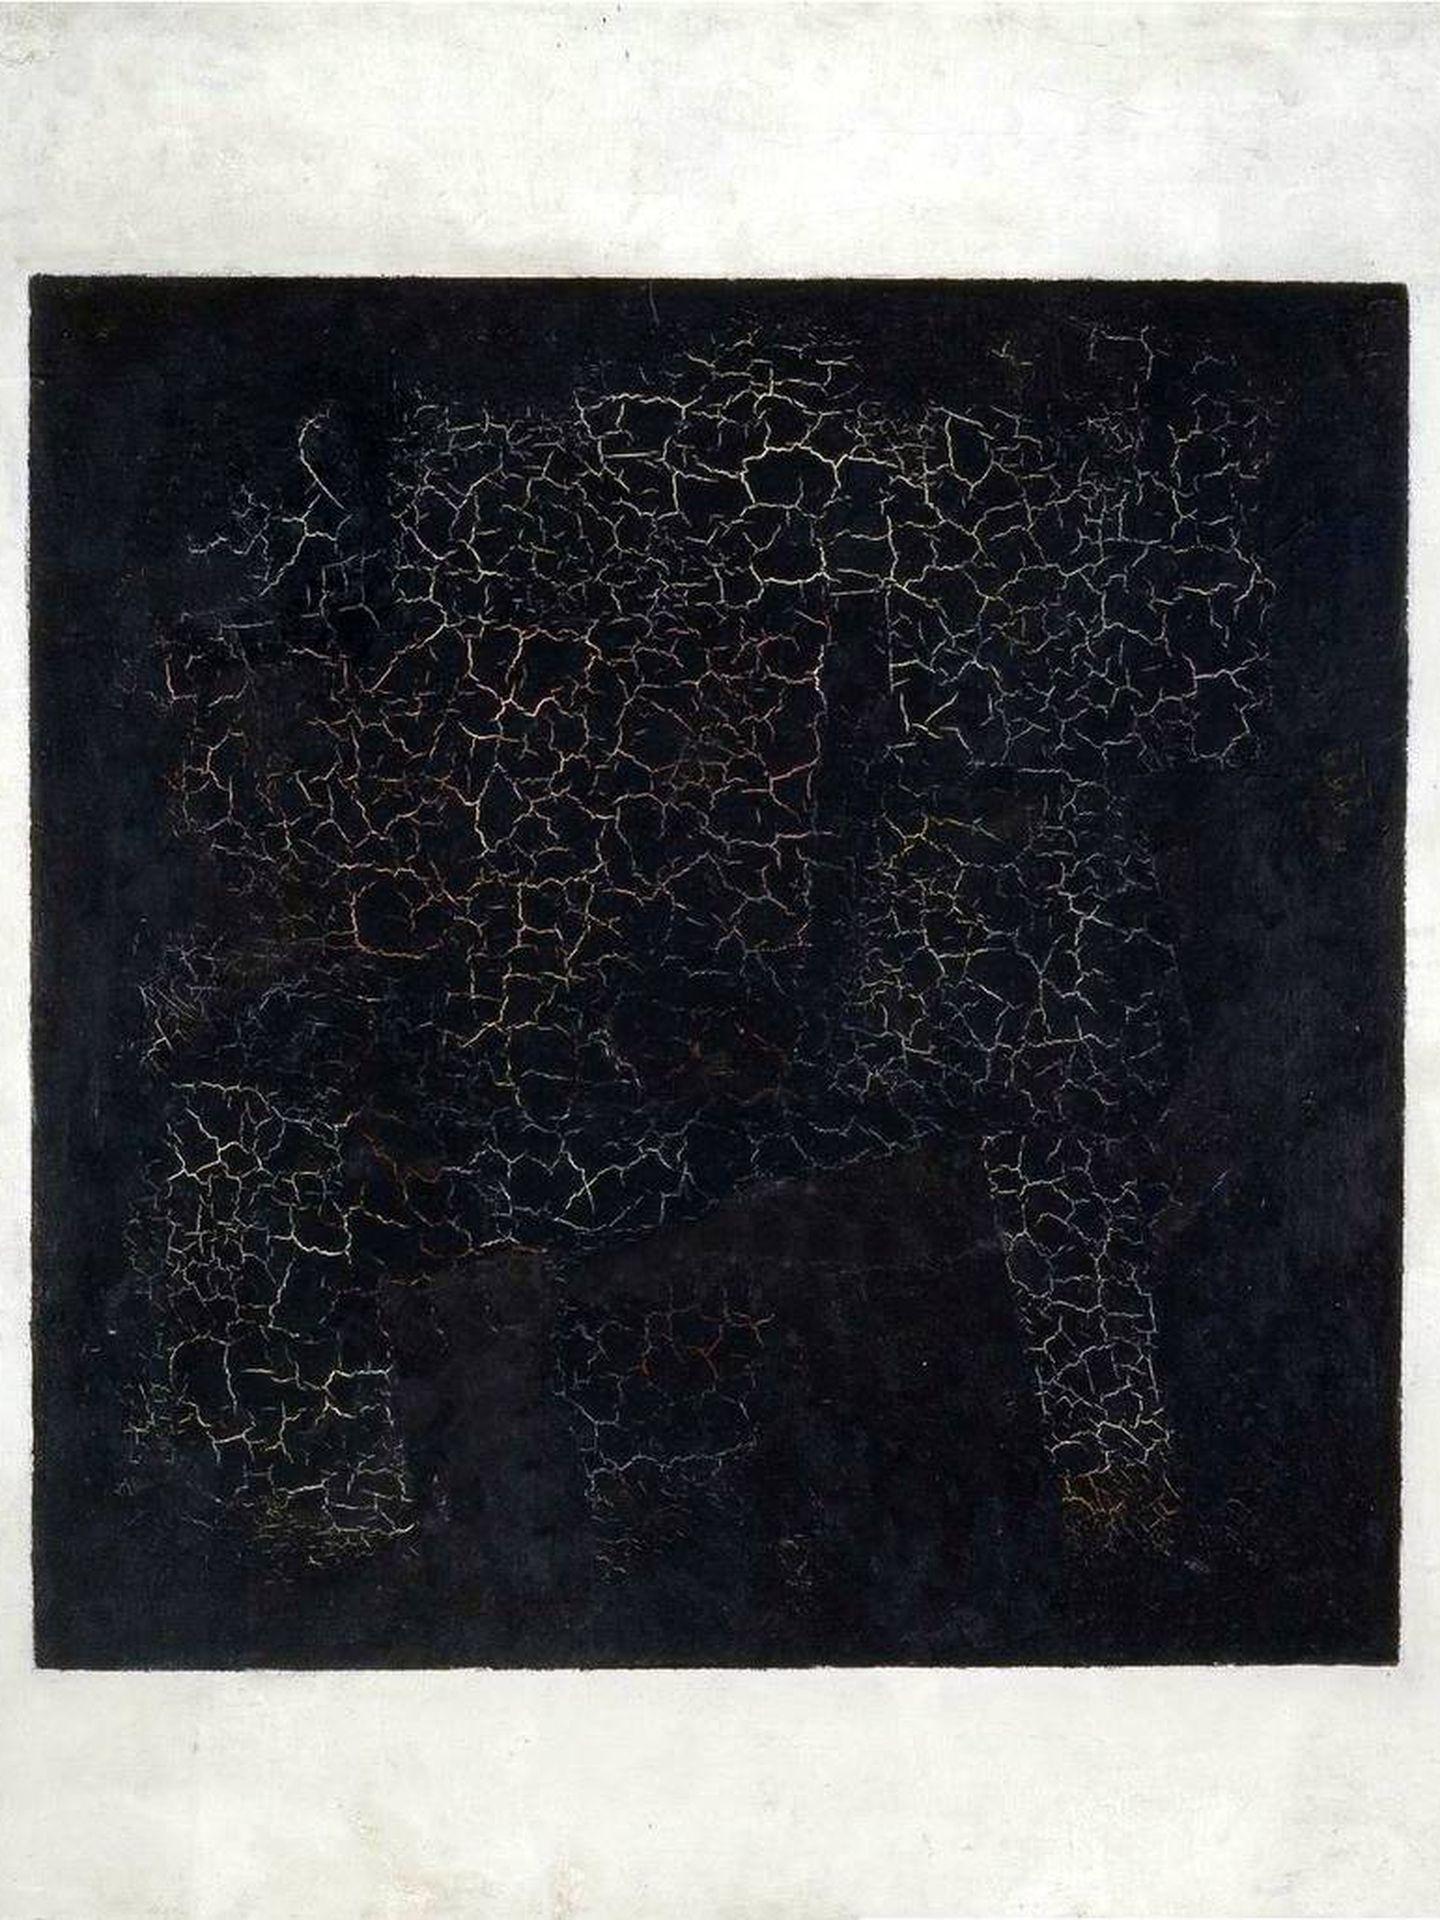 'Cuadrado negro', Kazimir Malévich, 1915. Galería Tretiakov.